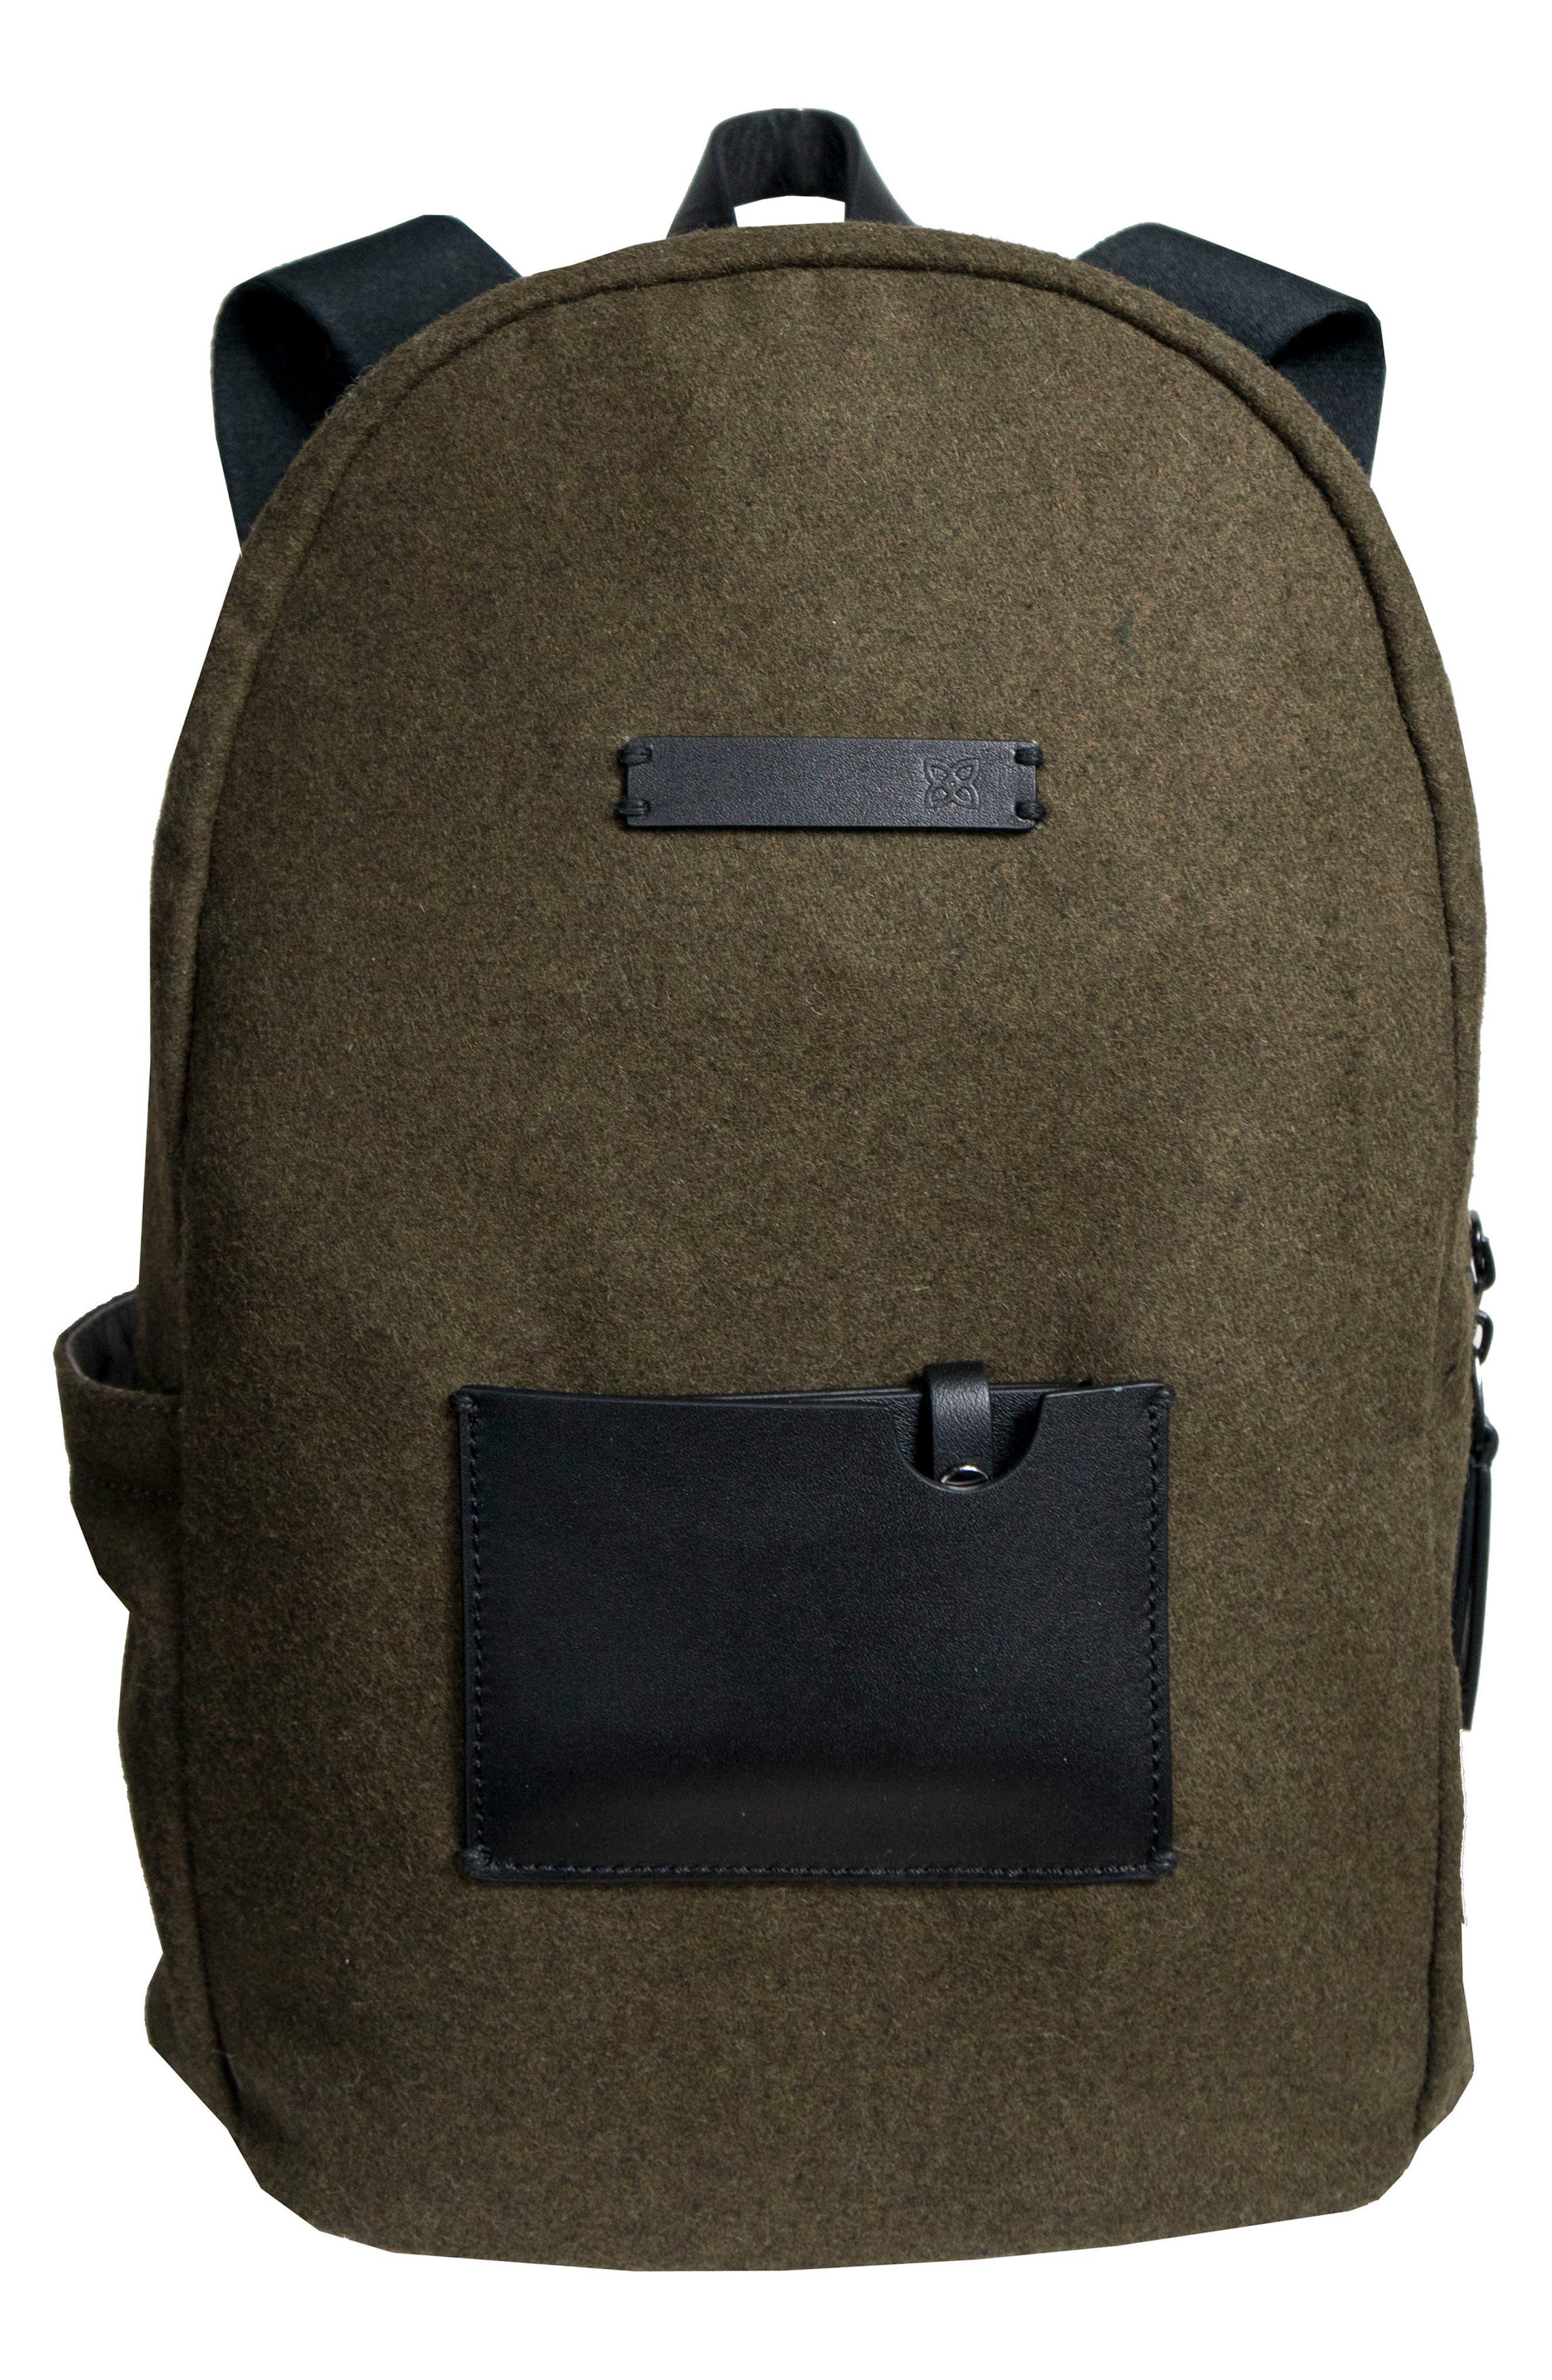 Alternate Image 1 Selected - Sherpani Indie Boiled Wool Backpack